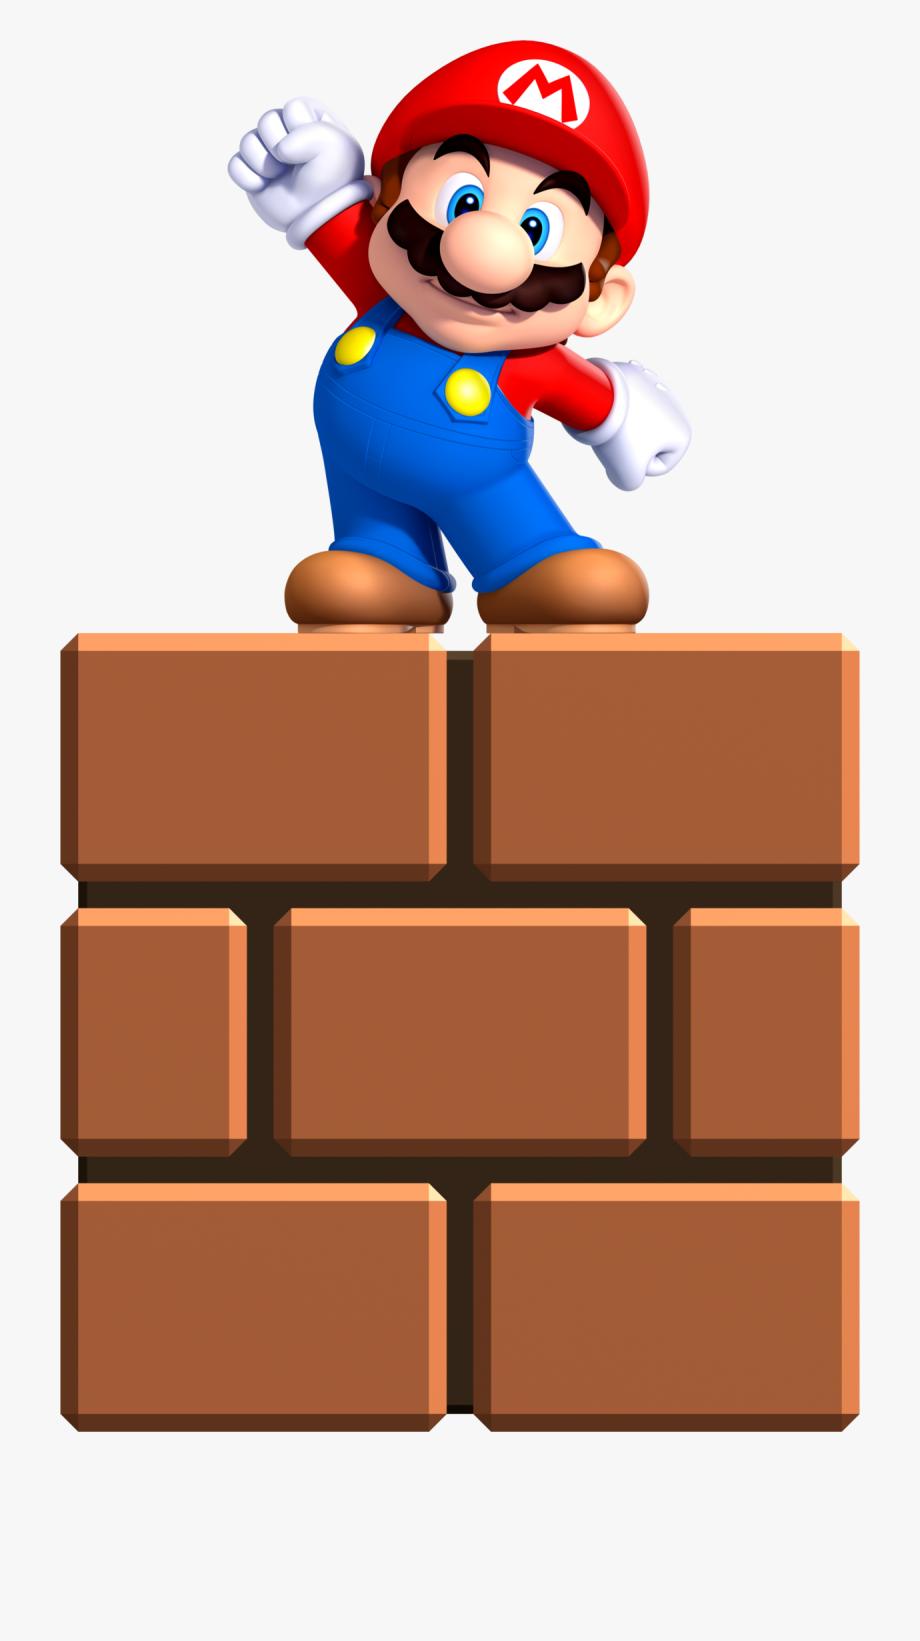 Small Mario Png.